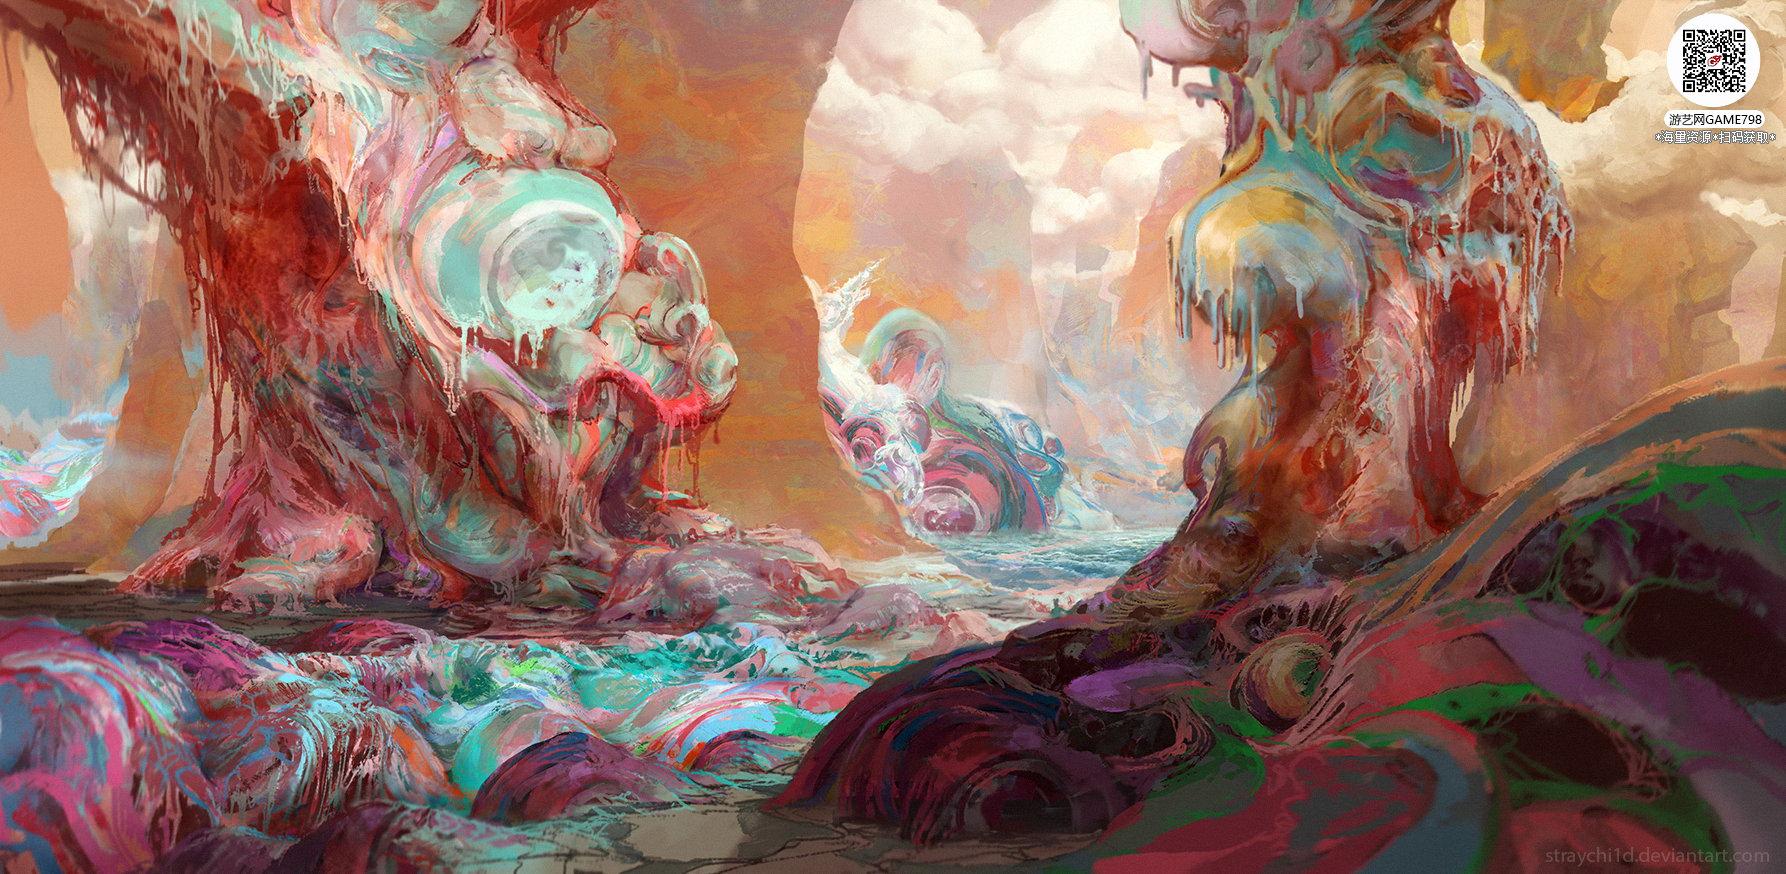 059_关注游艺网公众号获海量资源_风格独特的原画概念设定Q版卡通风格异世界科幻风格设计.jpg